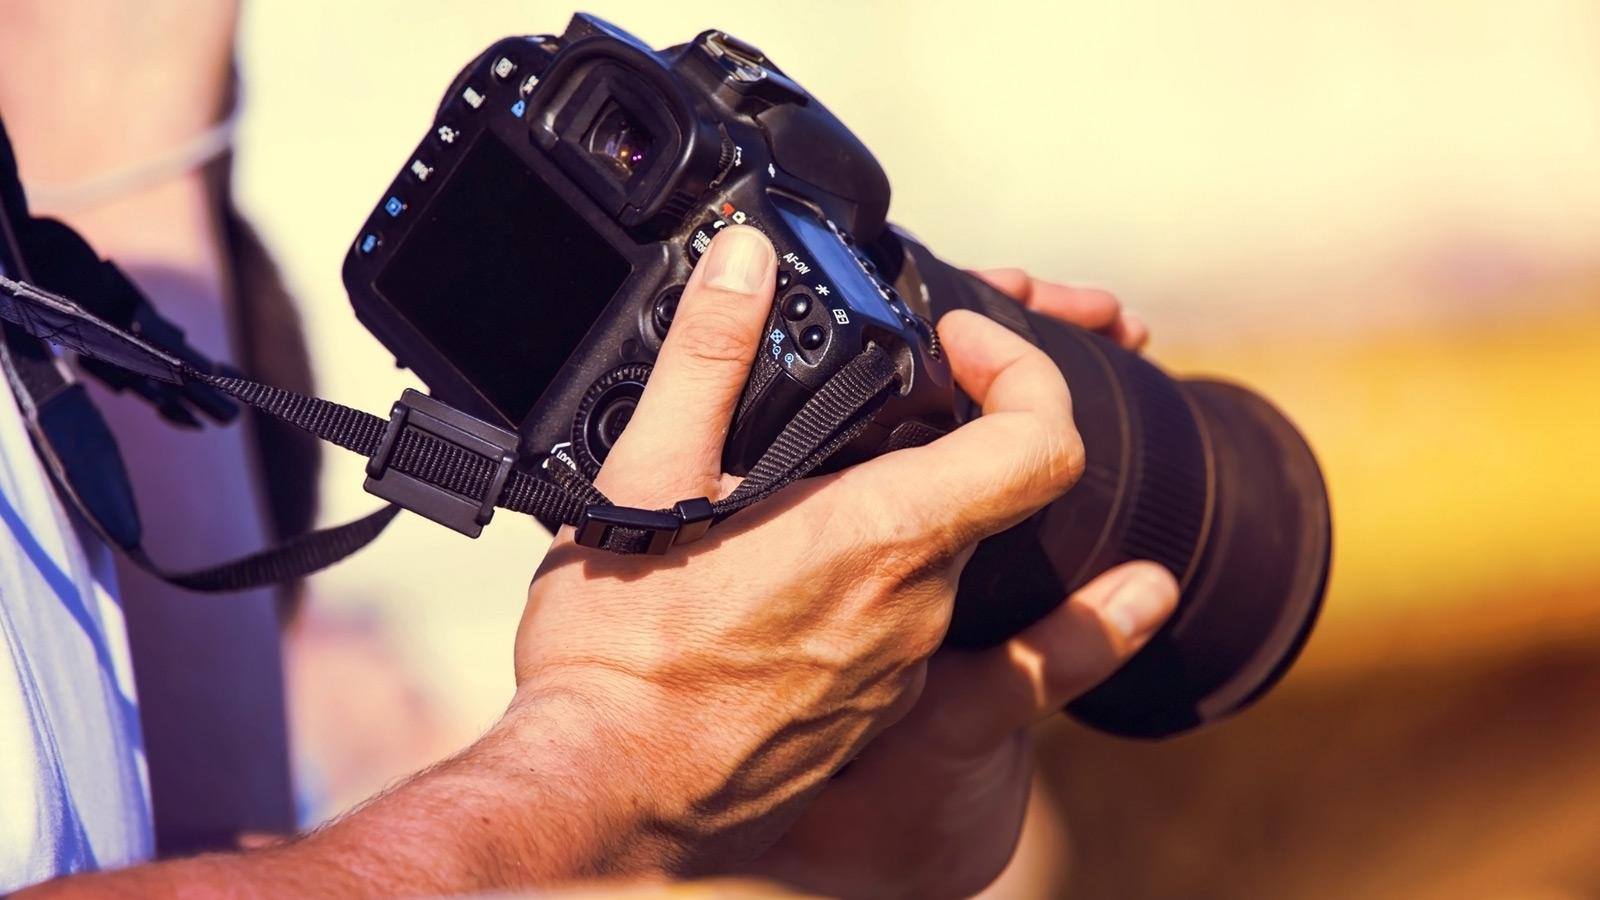 Belichtungszeit wird an einer Spiegelreflexkamera eingestellt